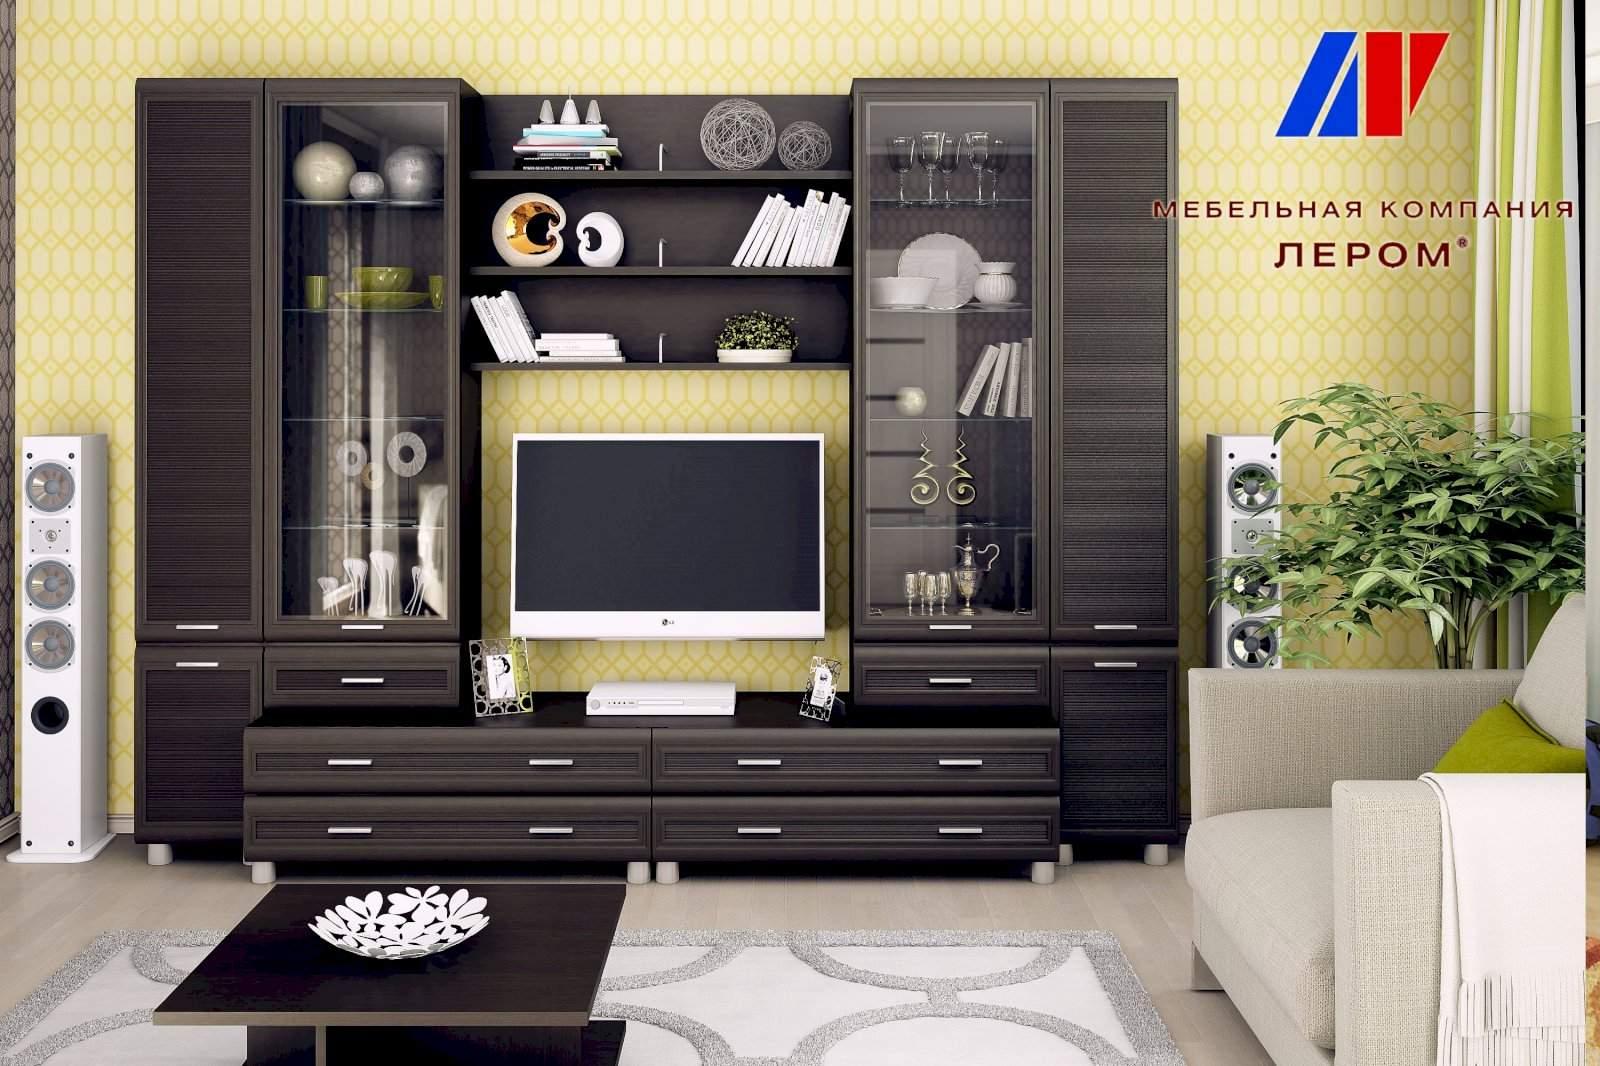 Мебель Лером Каталог Гостиные В Москве